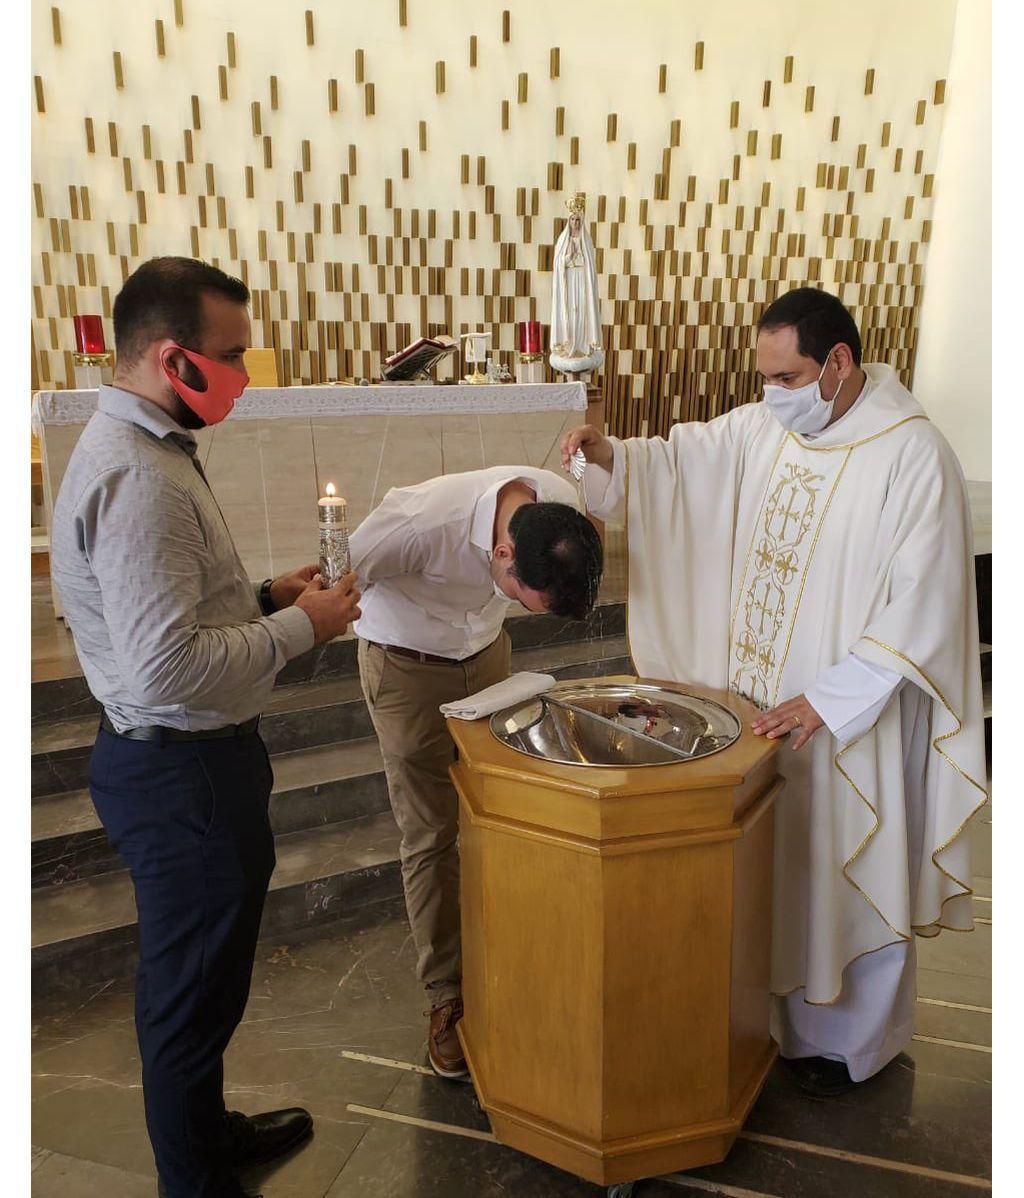 José Luis, el prometido de Jennifer, el día que se convirtió al catolicismo